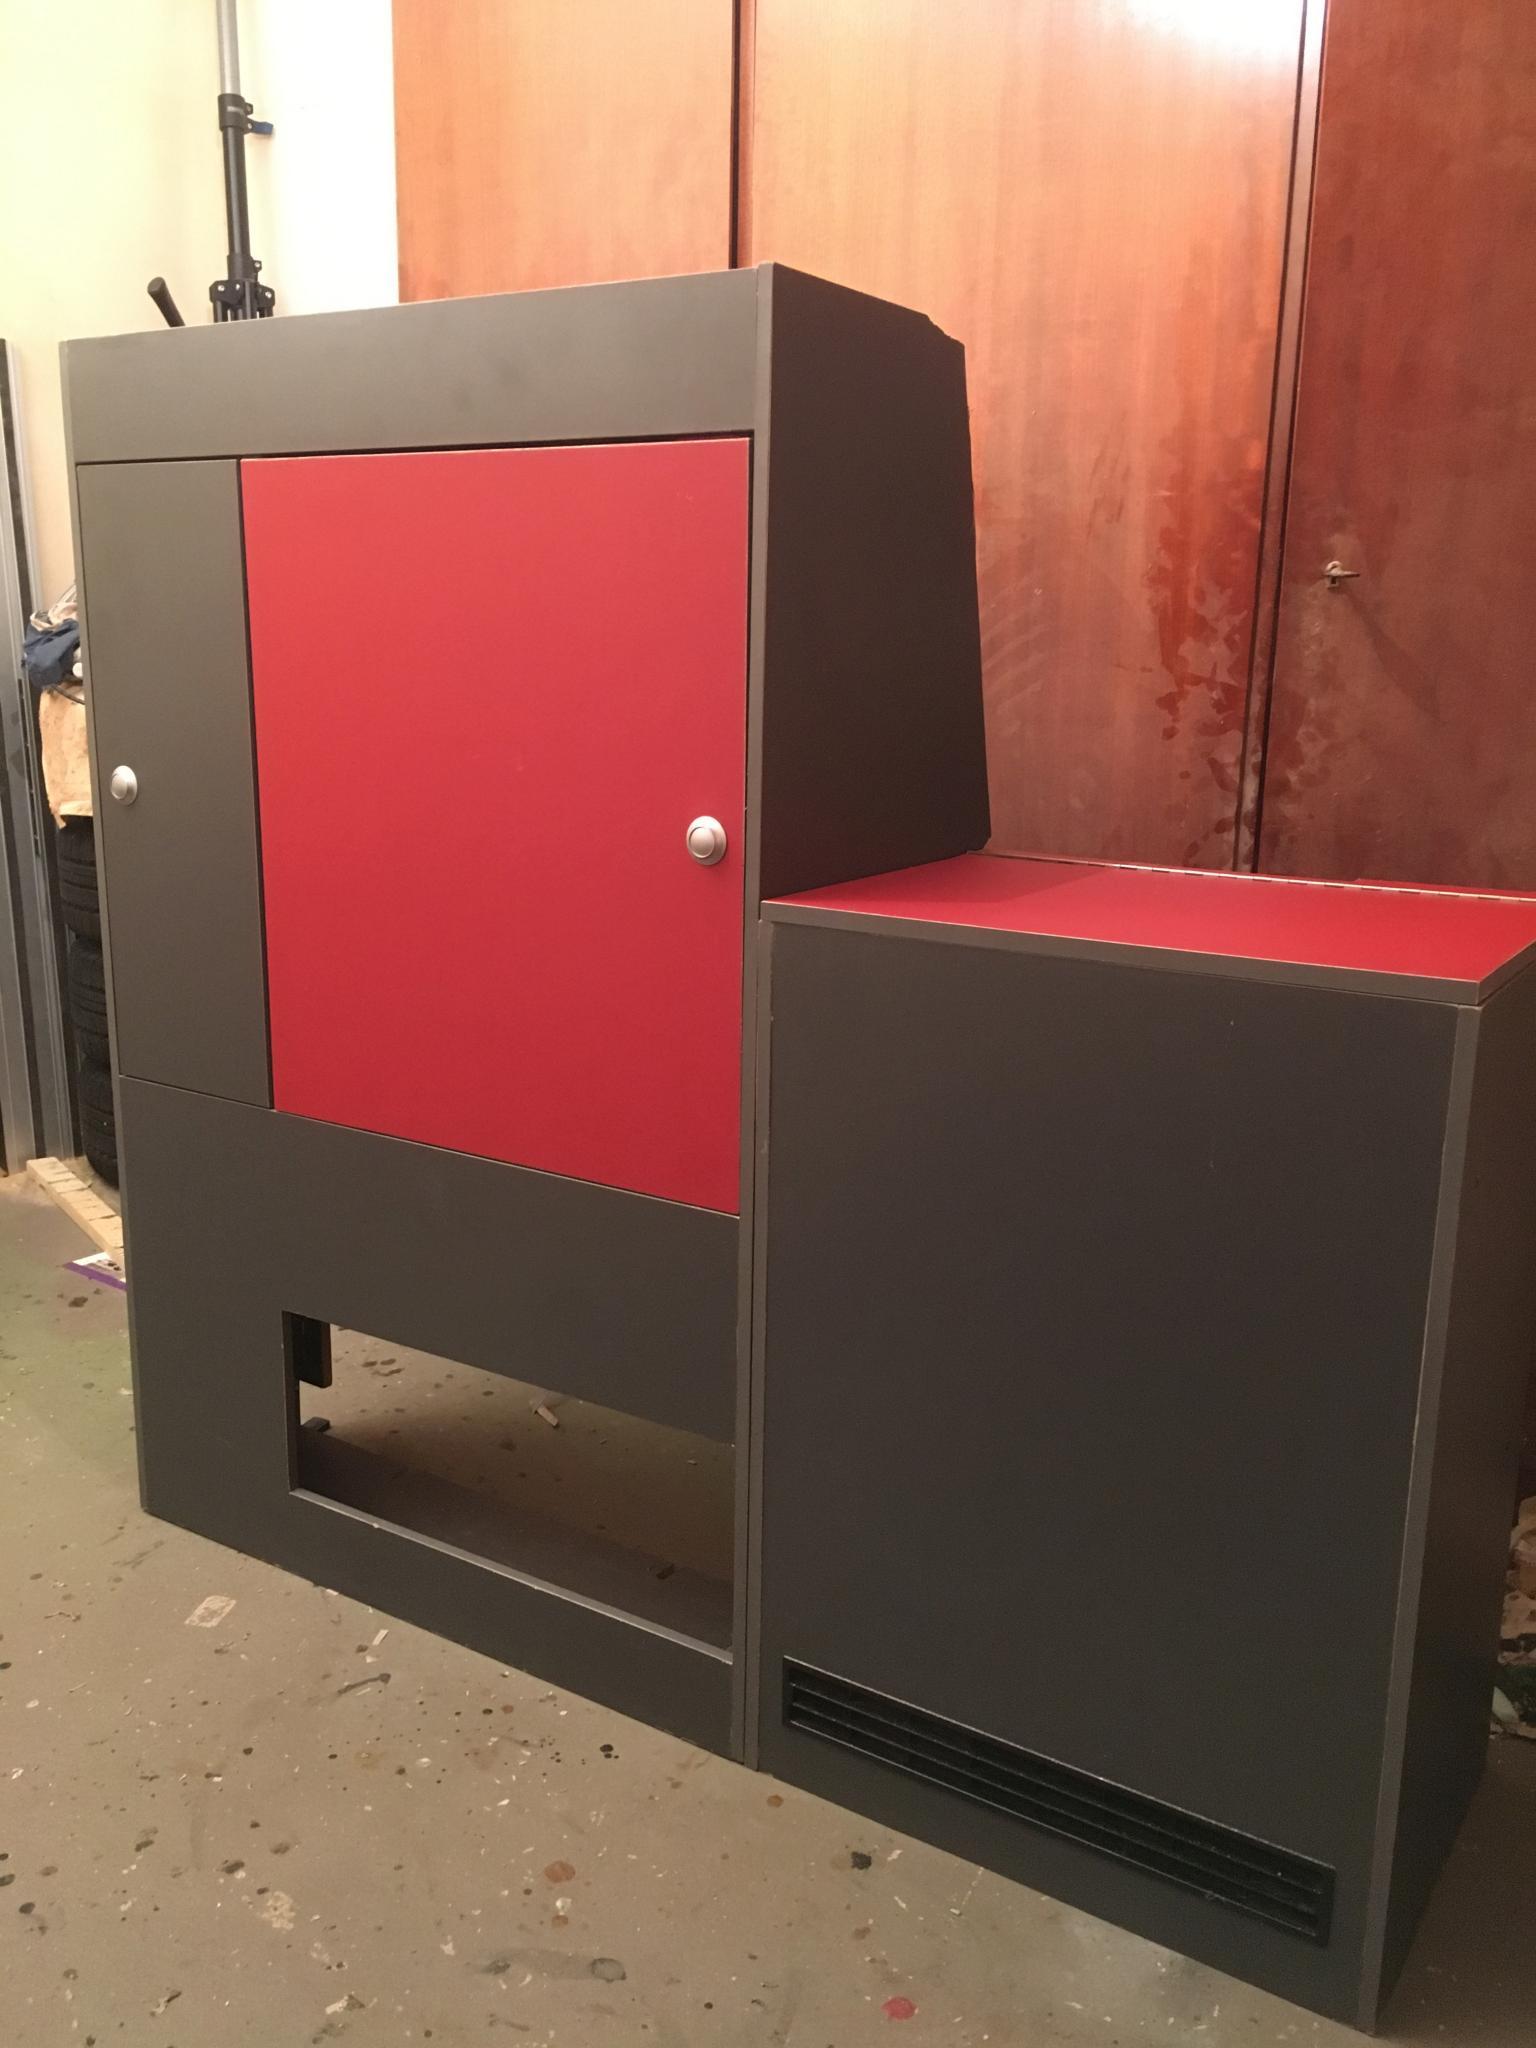 schrankzeile mit kühlbox im t5.2 beach - selbstgemachtes - caliboard